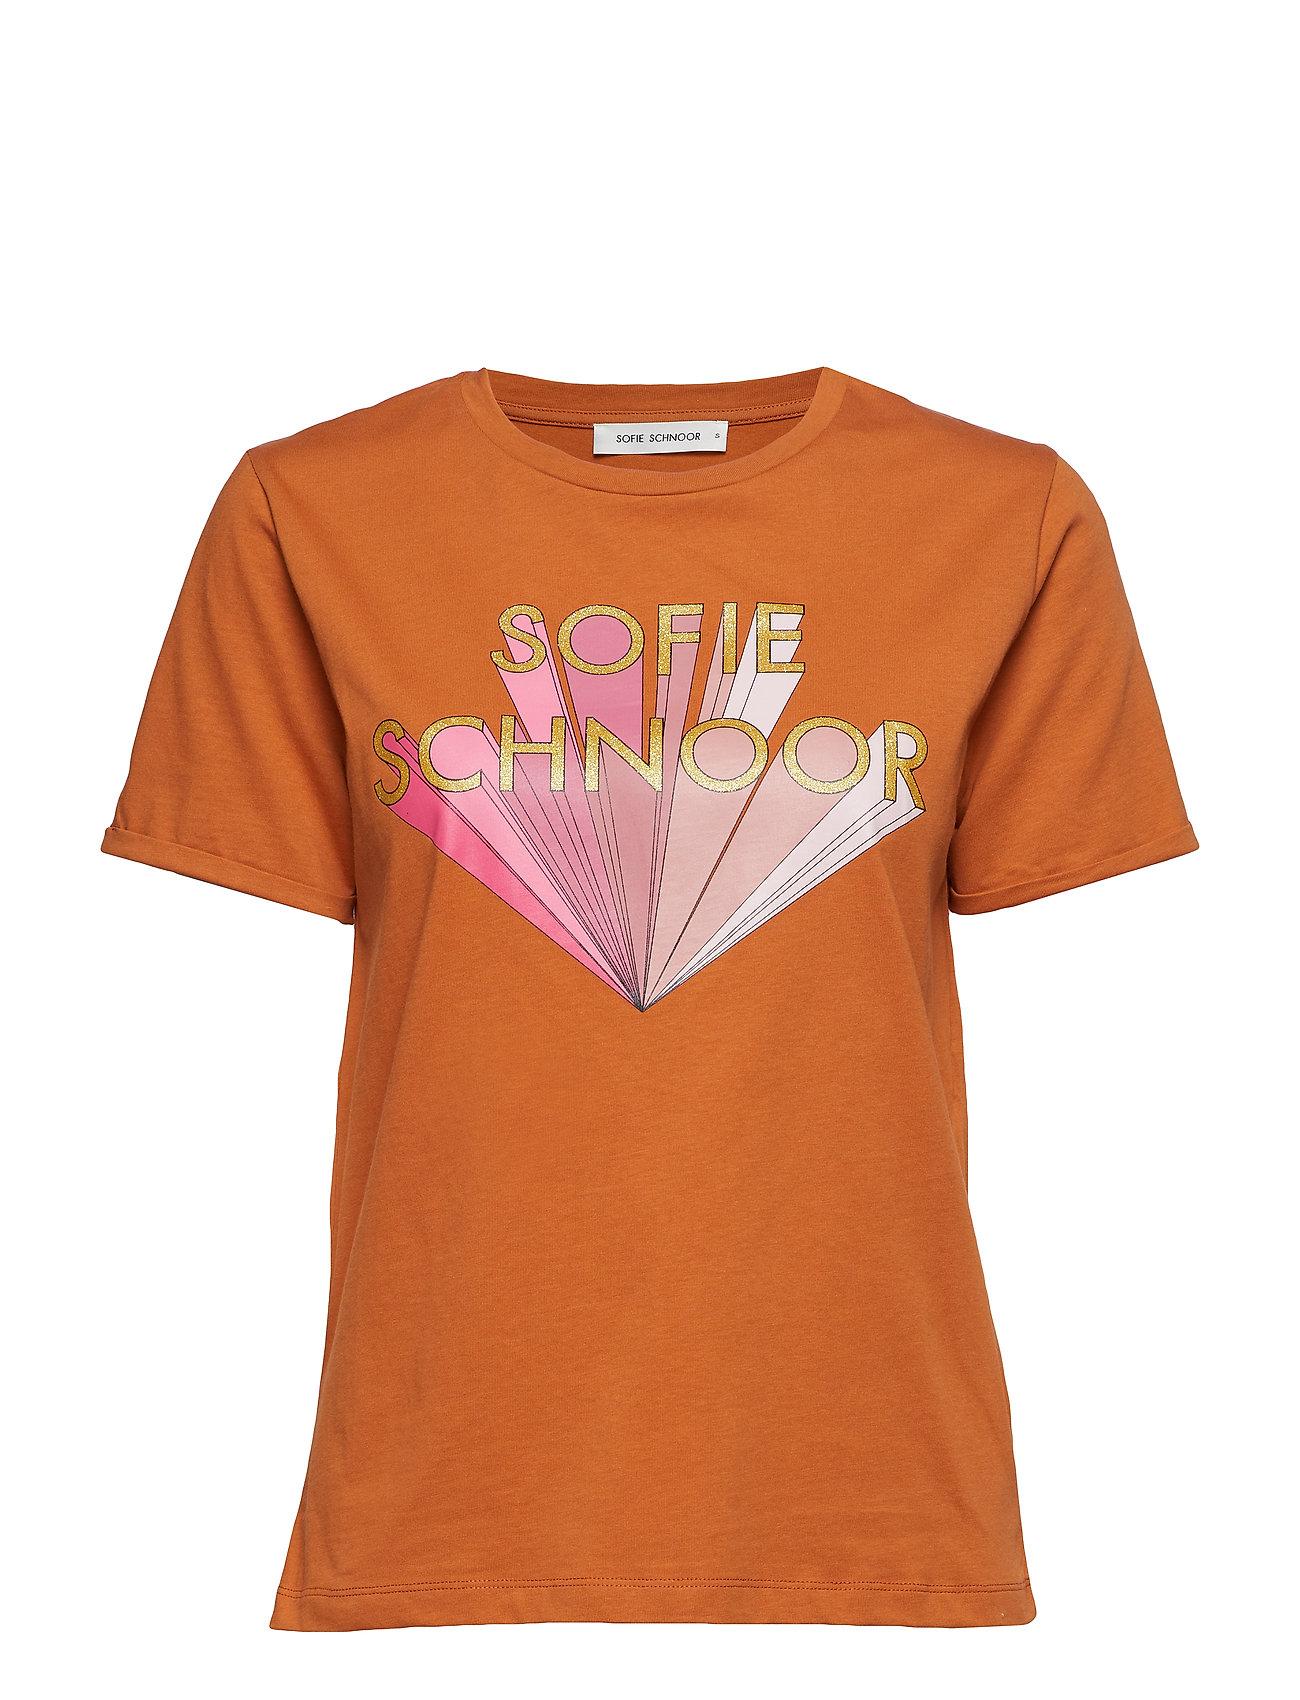 T Shirt T shirt Top Orange Sofie Schnoor